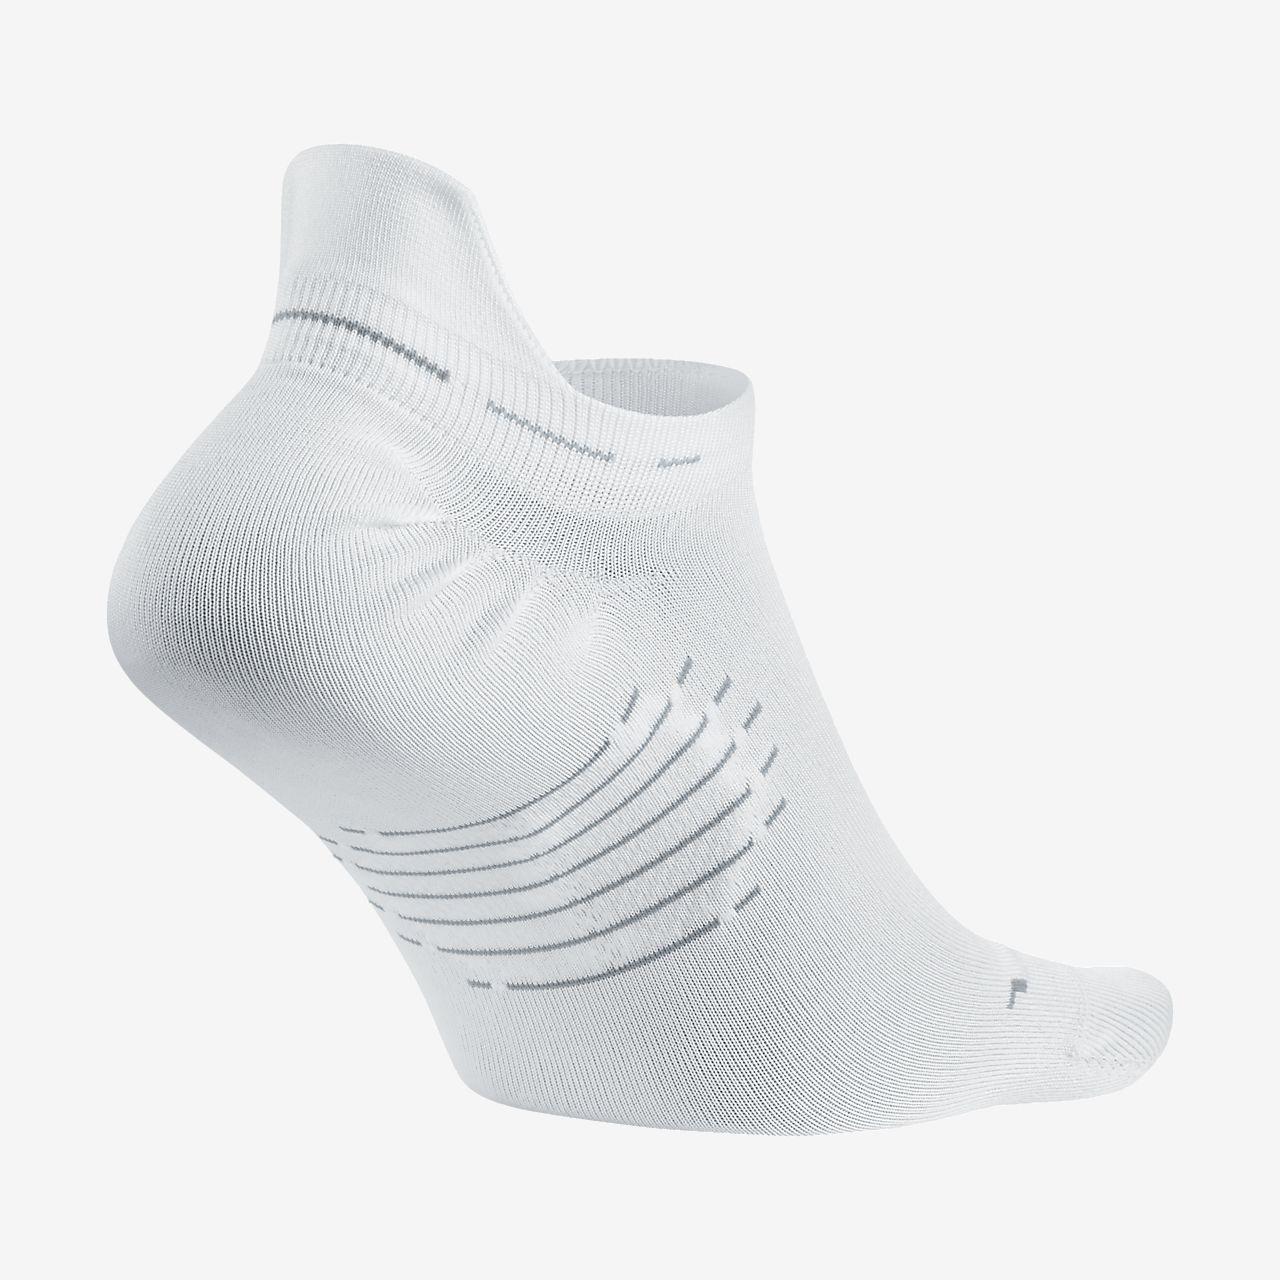 sortie 2014 unisexe Livraison gratuite confortable Nike Chaussettes No Show Avec Onglet prix bas sortie d'usine rabais 2GgkyCRa